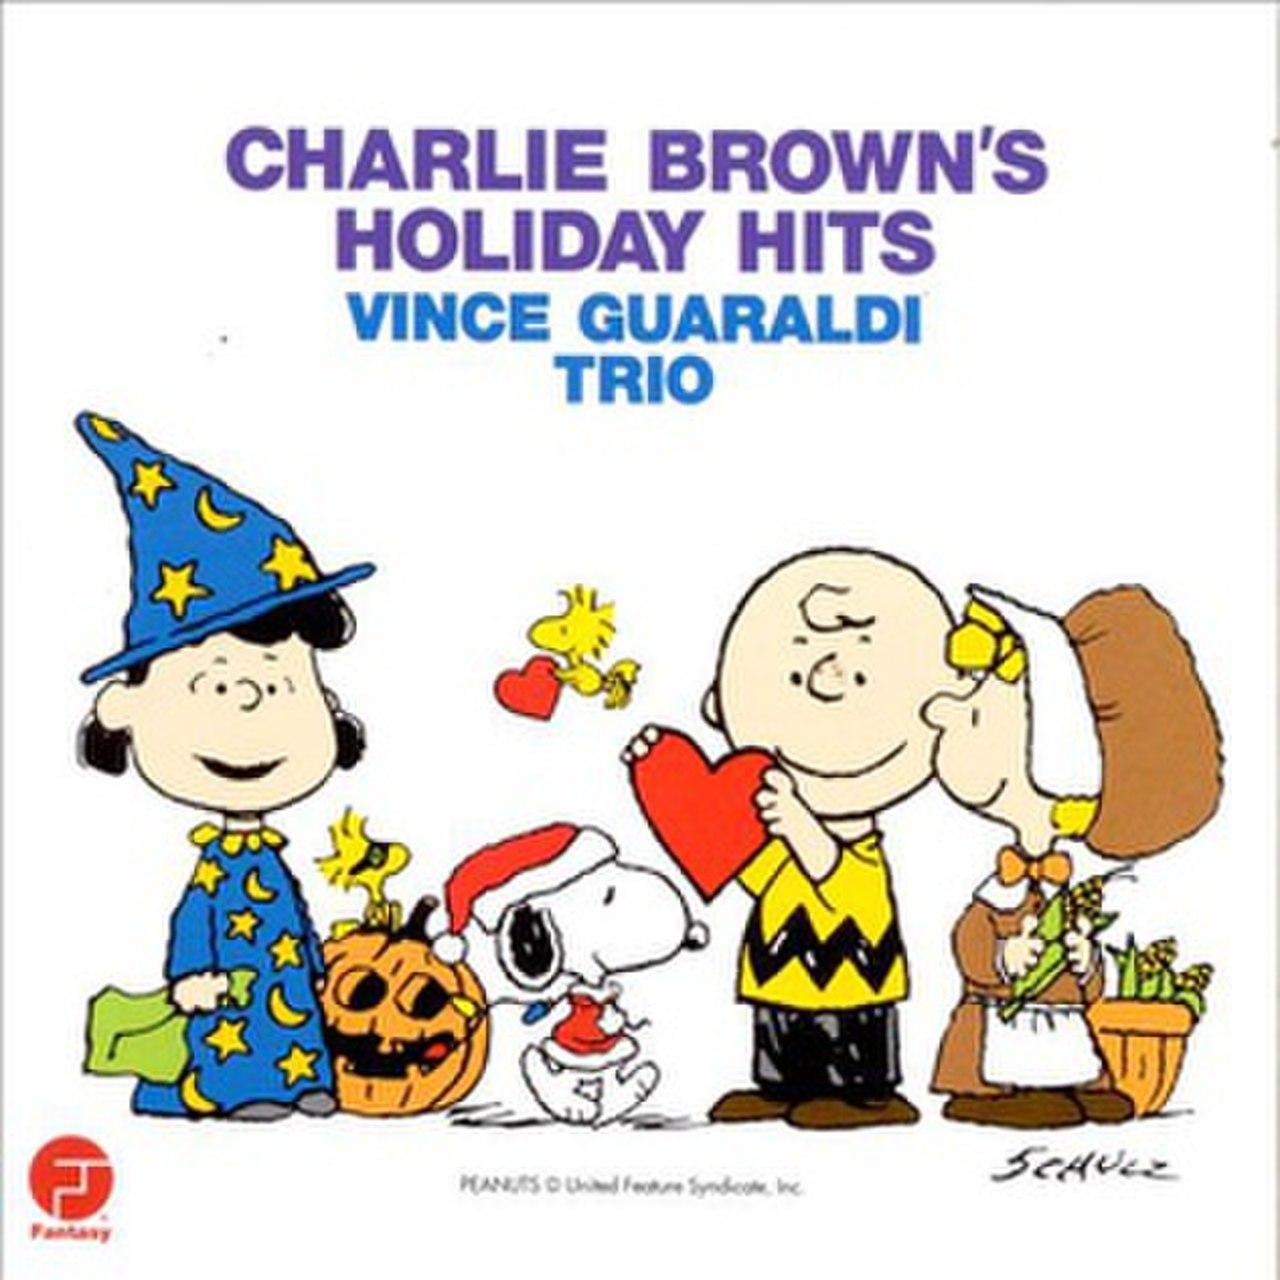 Urlaubshits von Charlie Brown